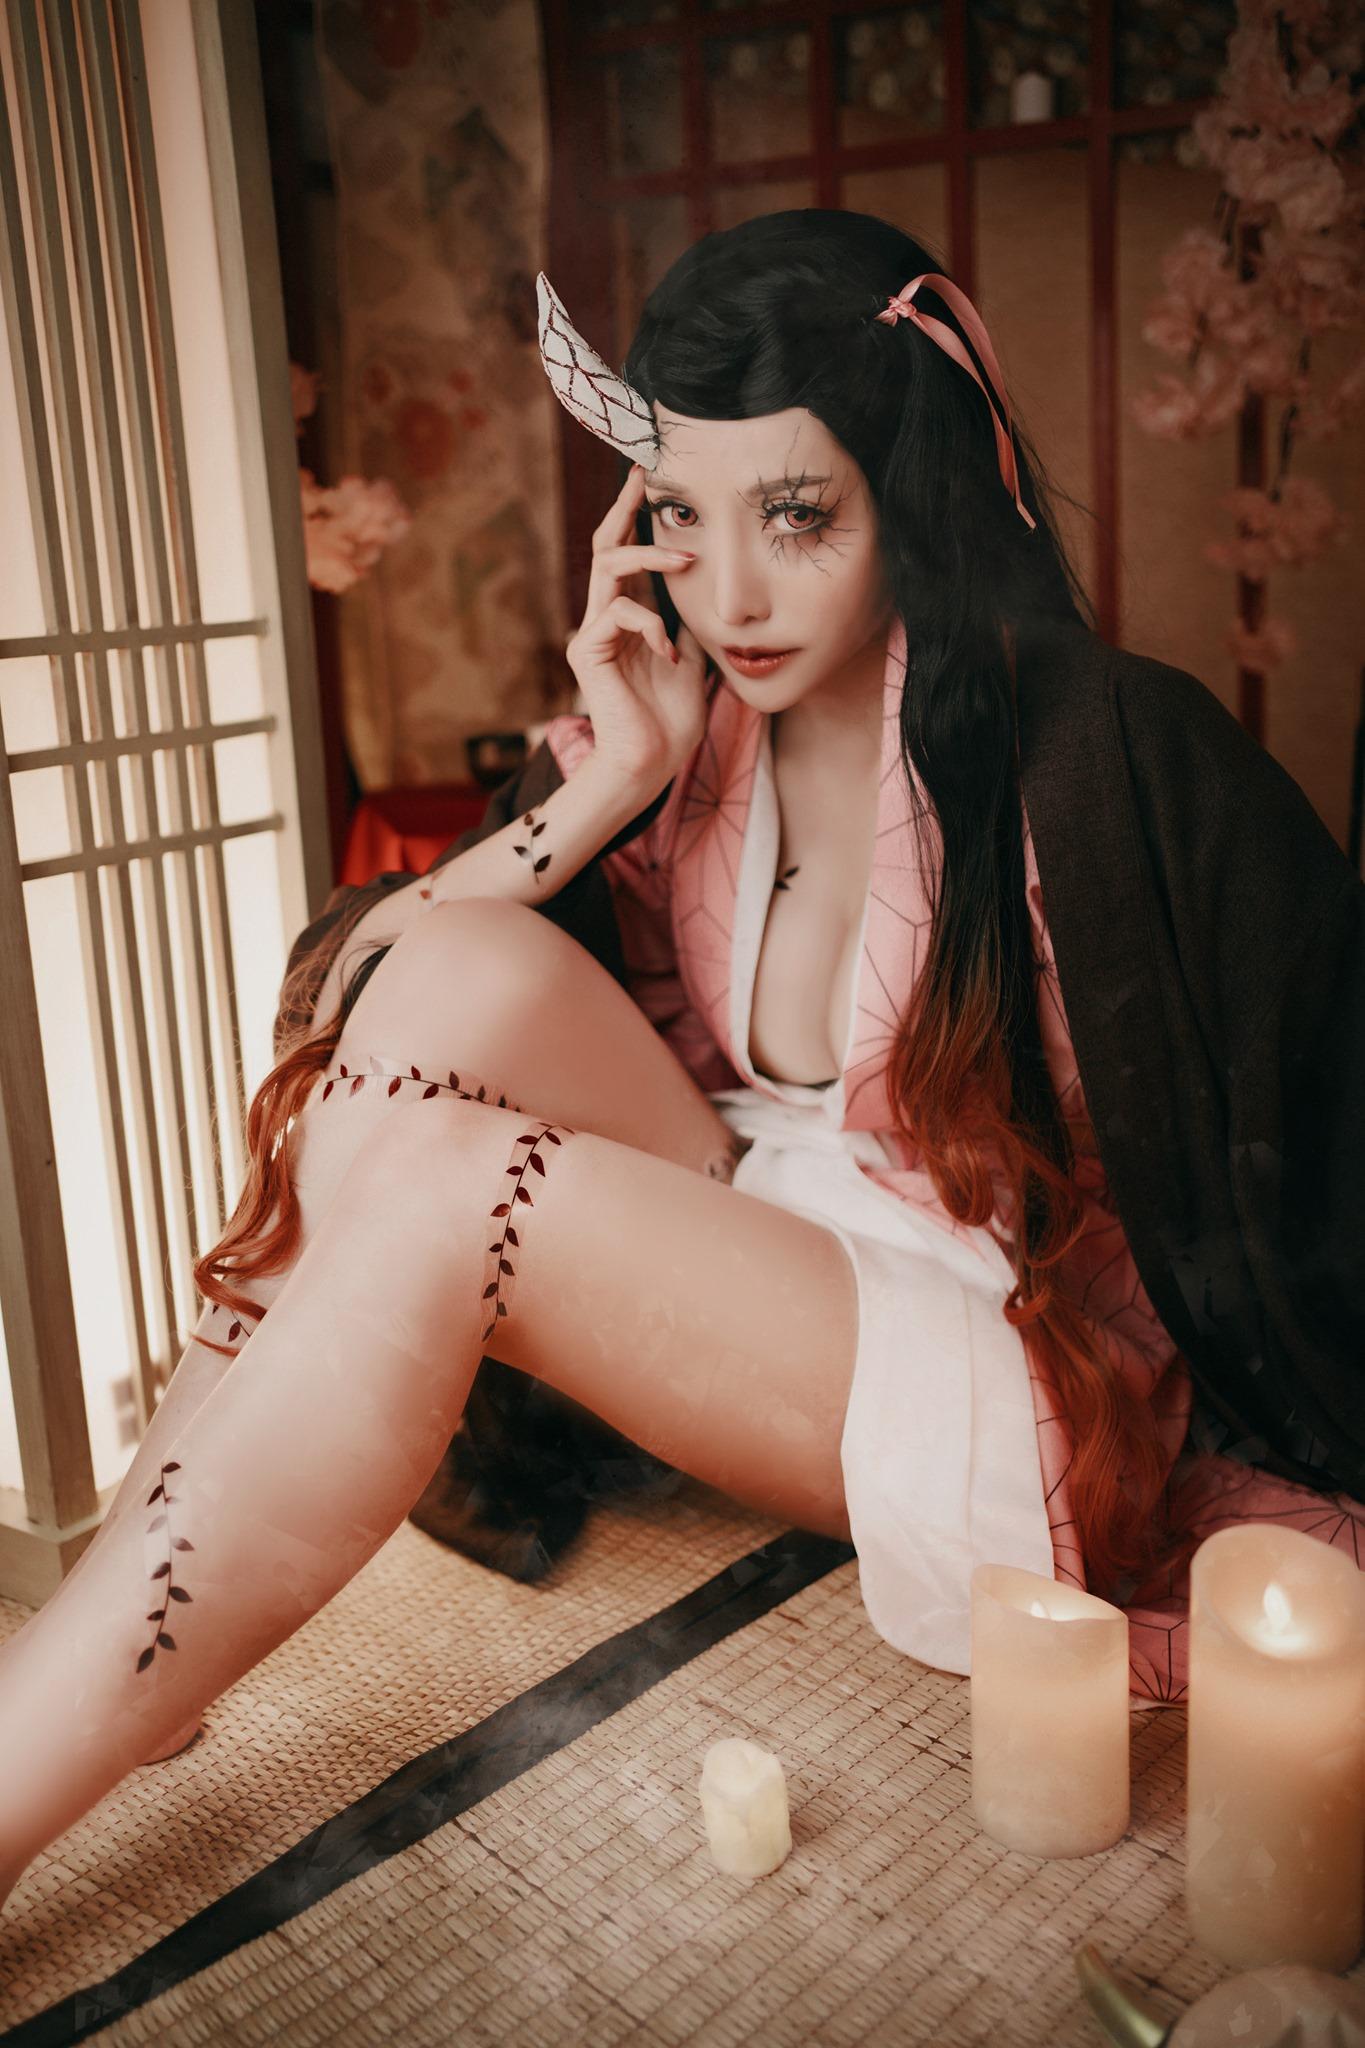 Sững sờ với loạt ảnh cosplay vợ của Tanjiro - Kanao